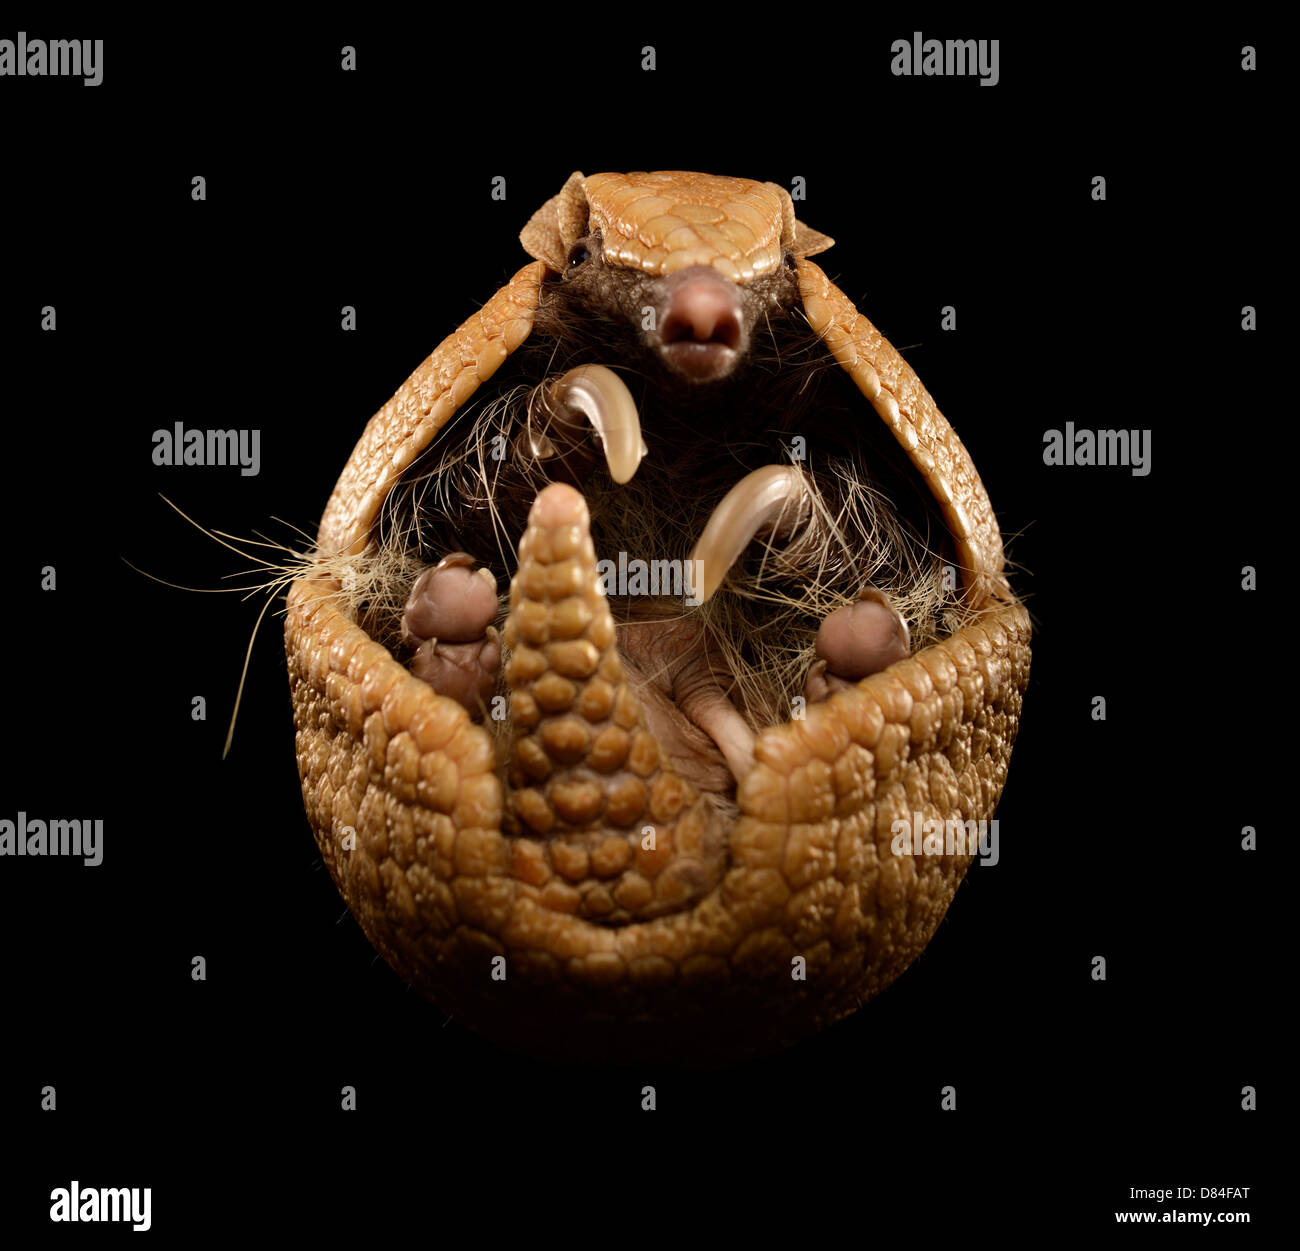 Tre nastrare armadillo isolati su sfondo nero. Immagini Stock